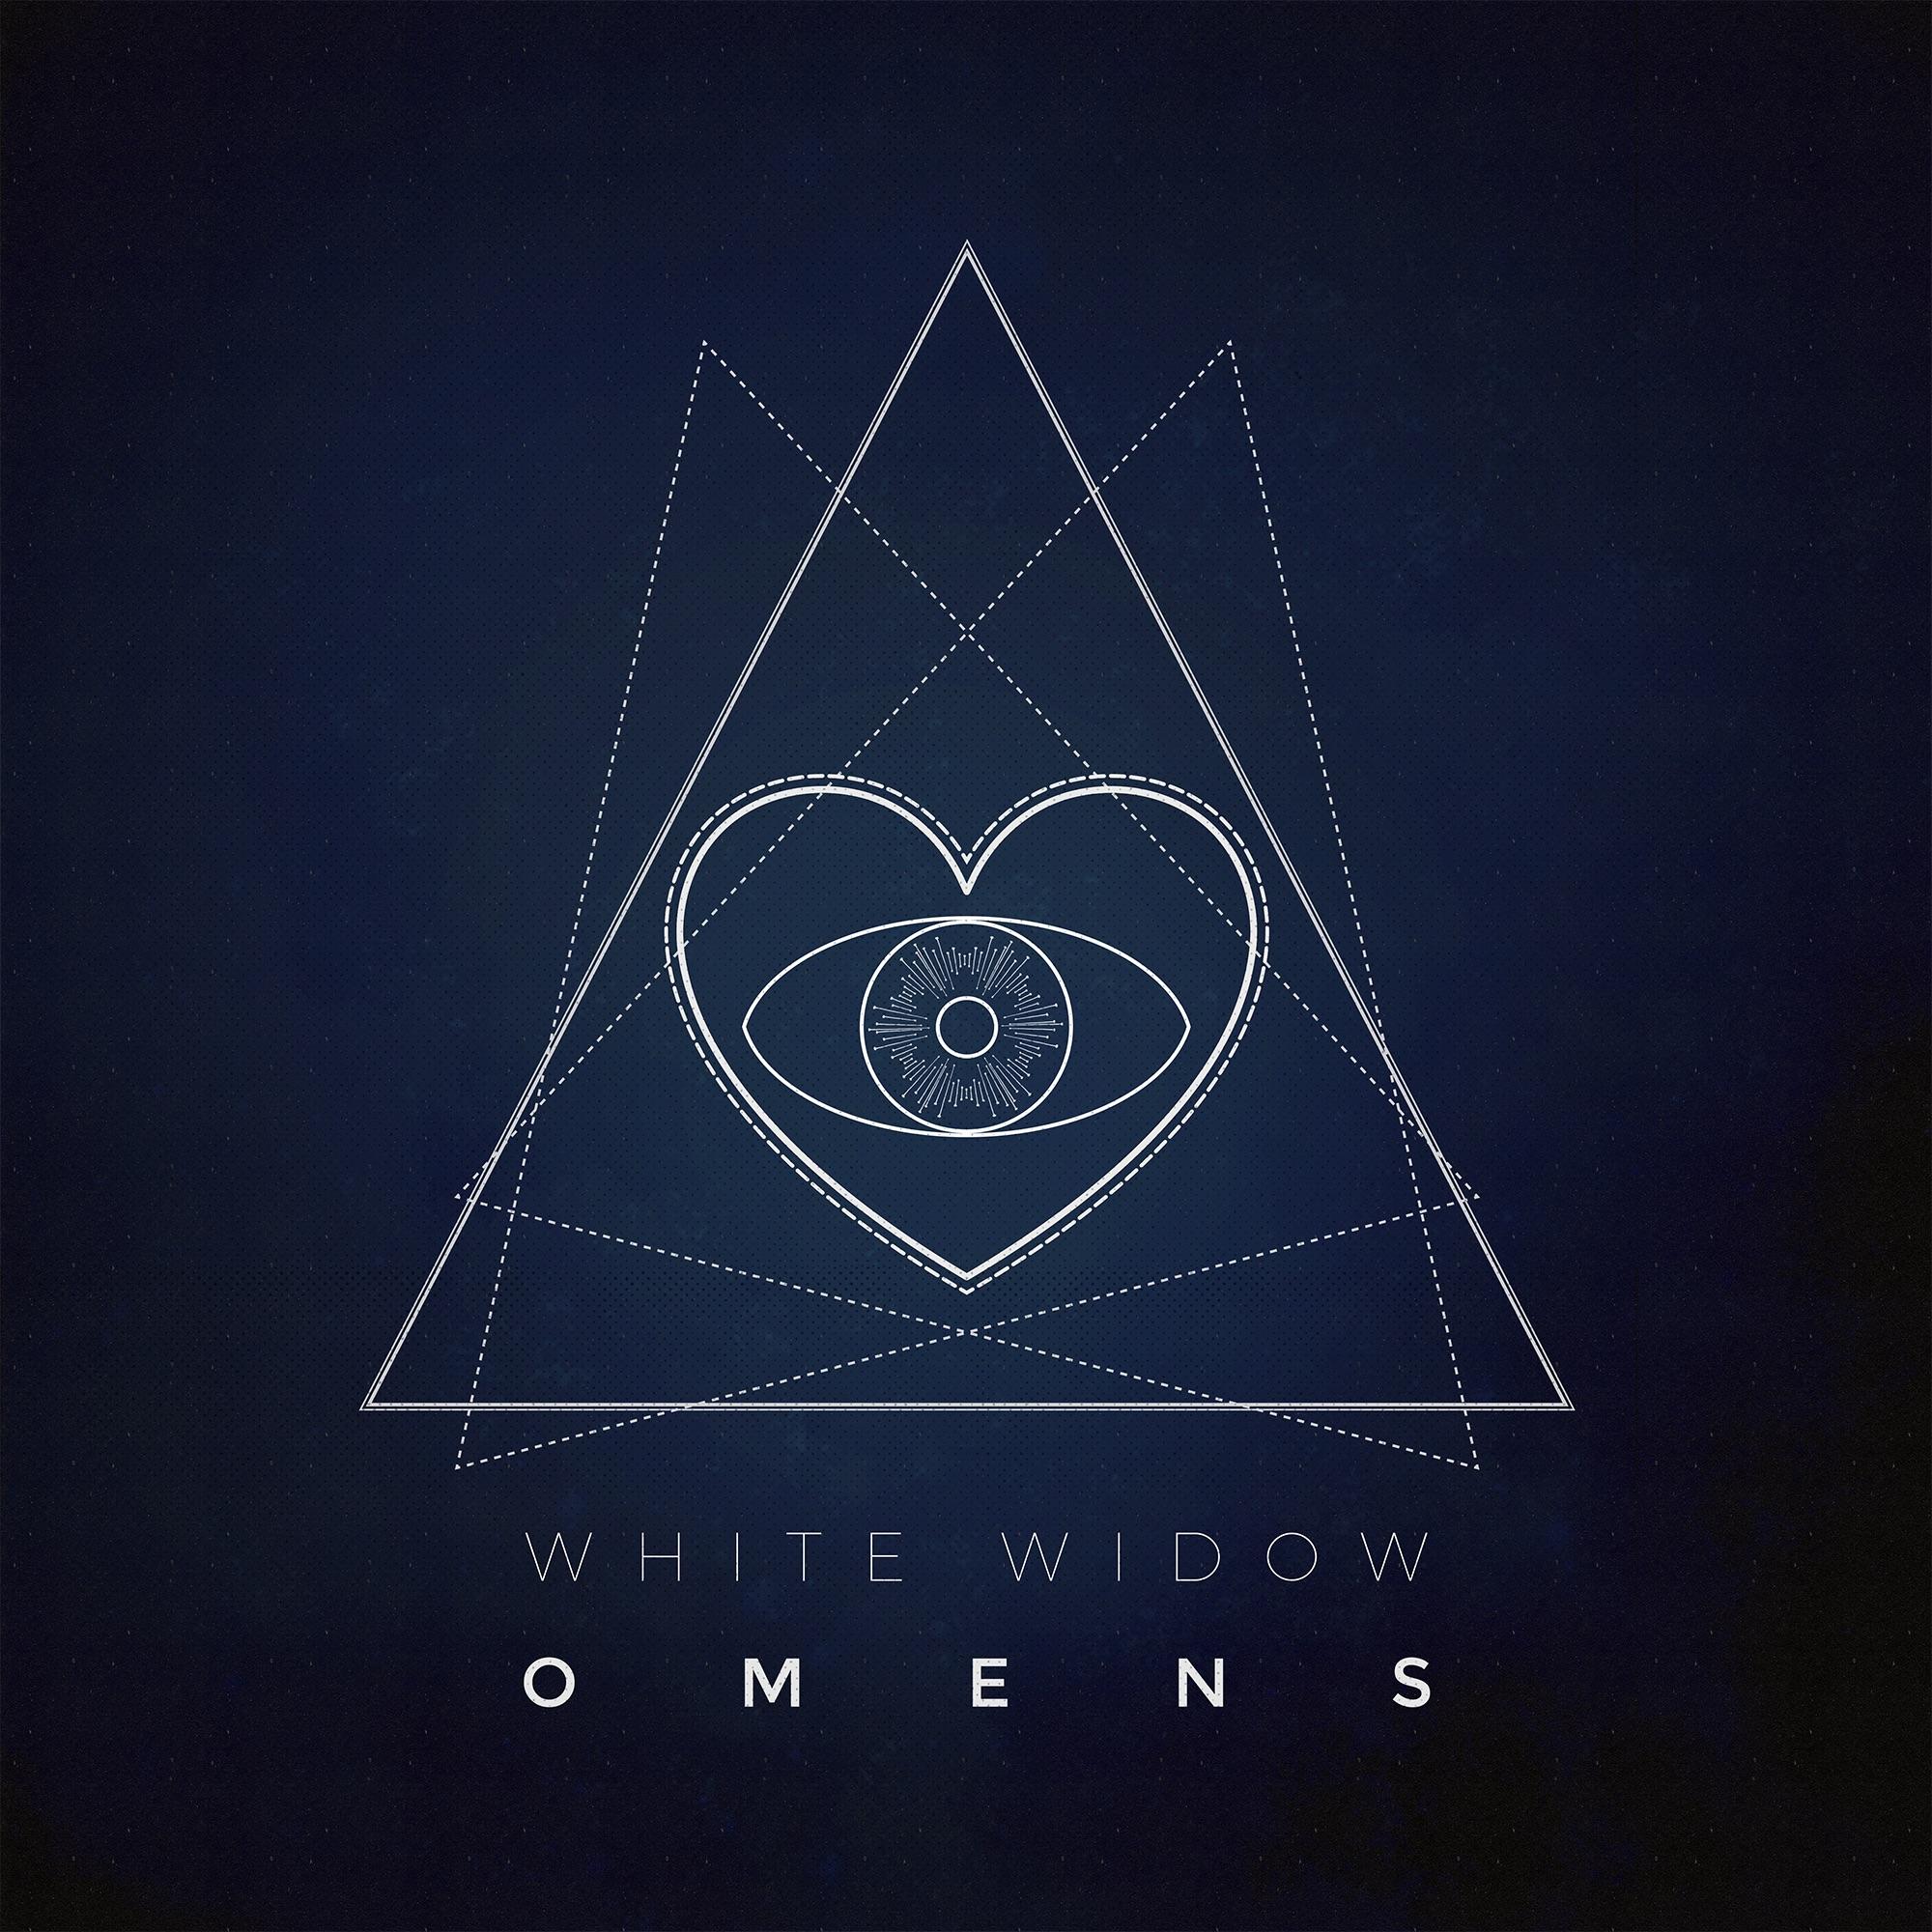 White Widow Omens.jpg